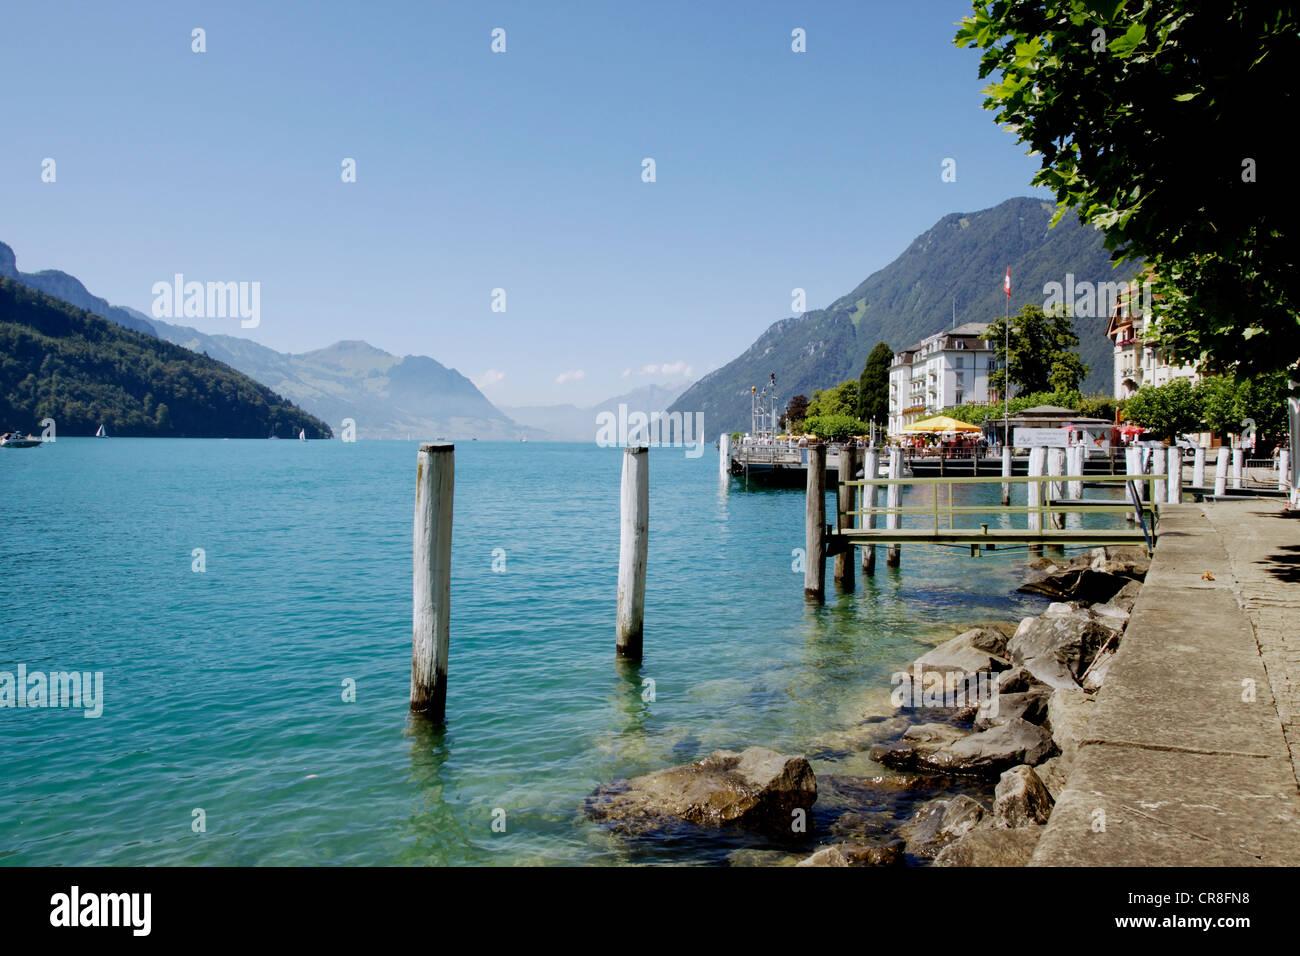 Brunnen Lake Stock Photos & Brunnen Lake Stock Images - Alamy